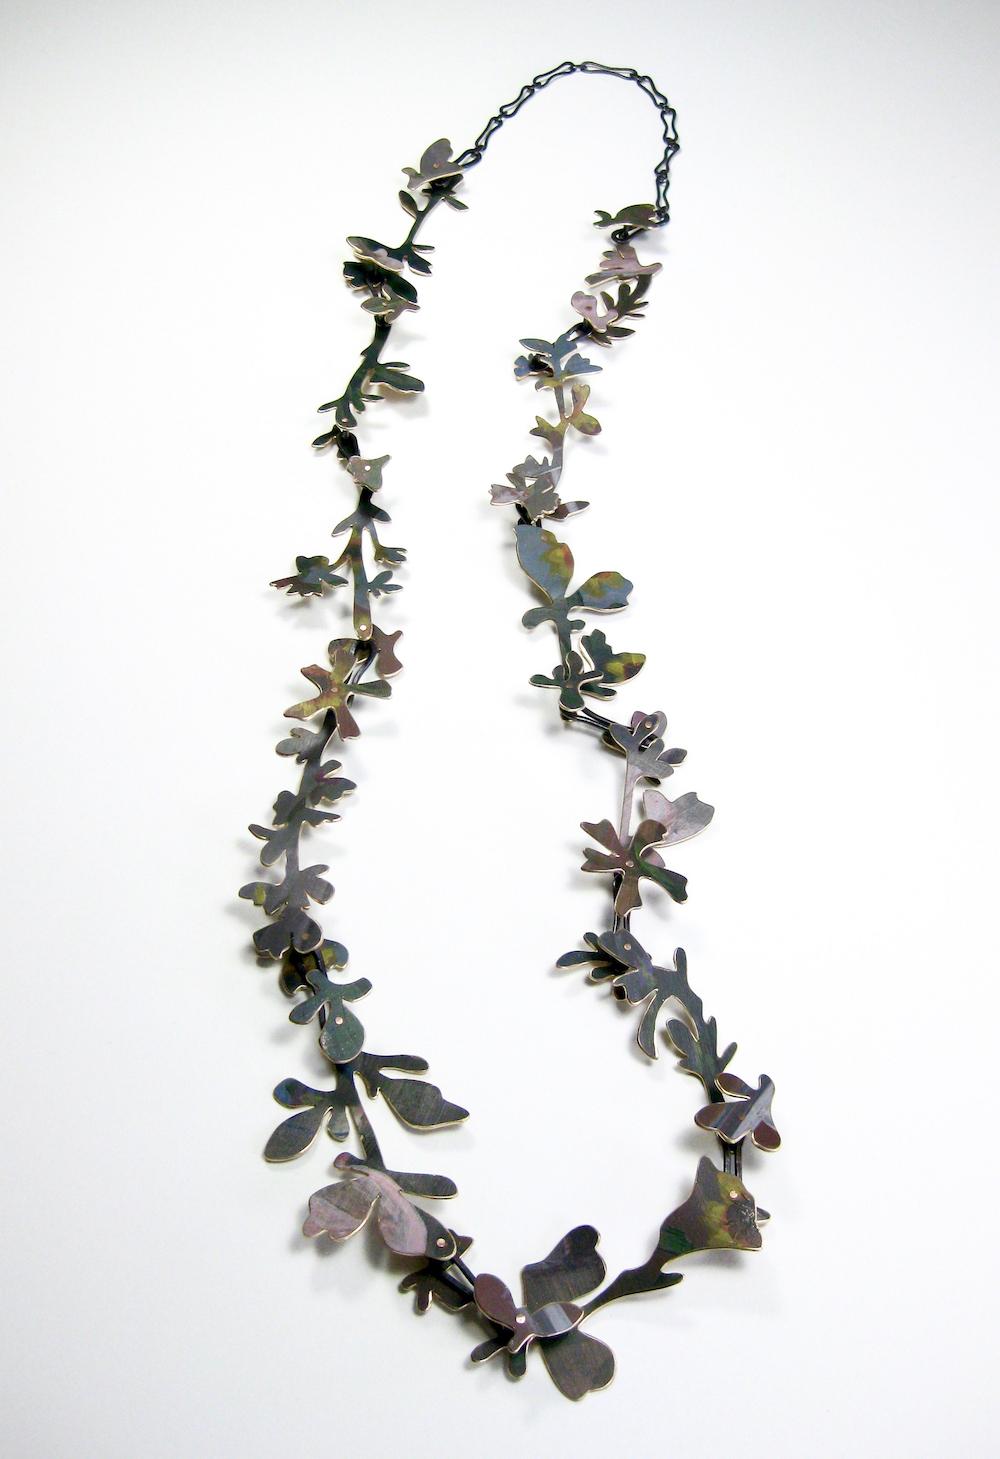 Relics of Childhood  Bronze, copper, paint. Necklace: 40 cm L x 12 cm H x 1 cm H. 2018